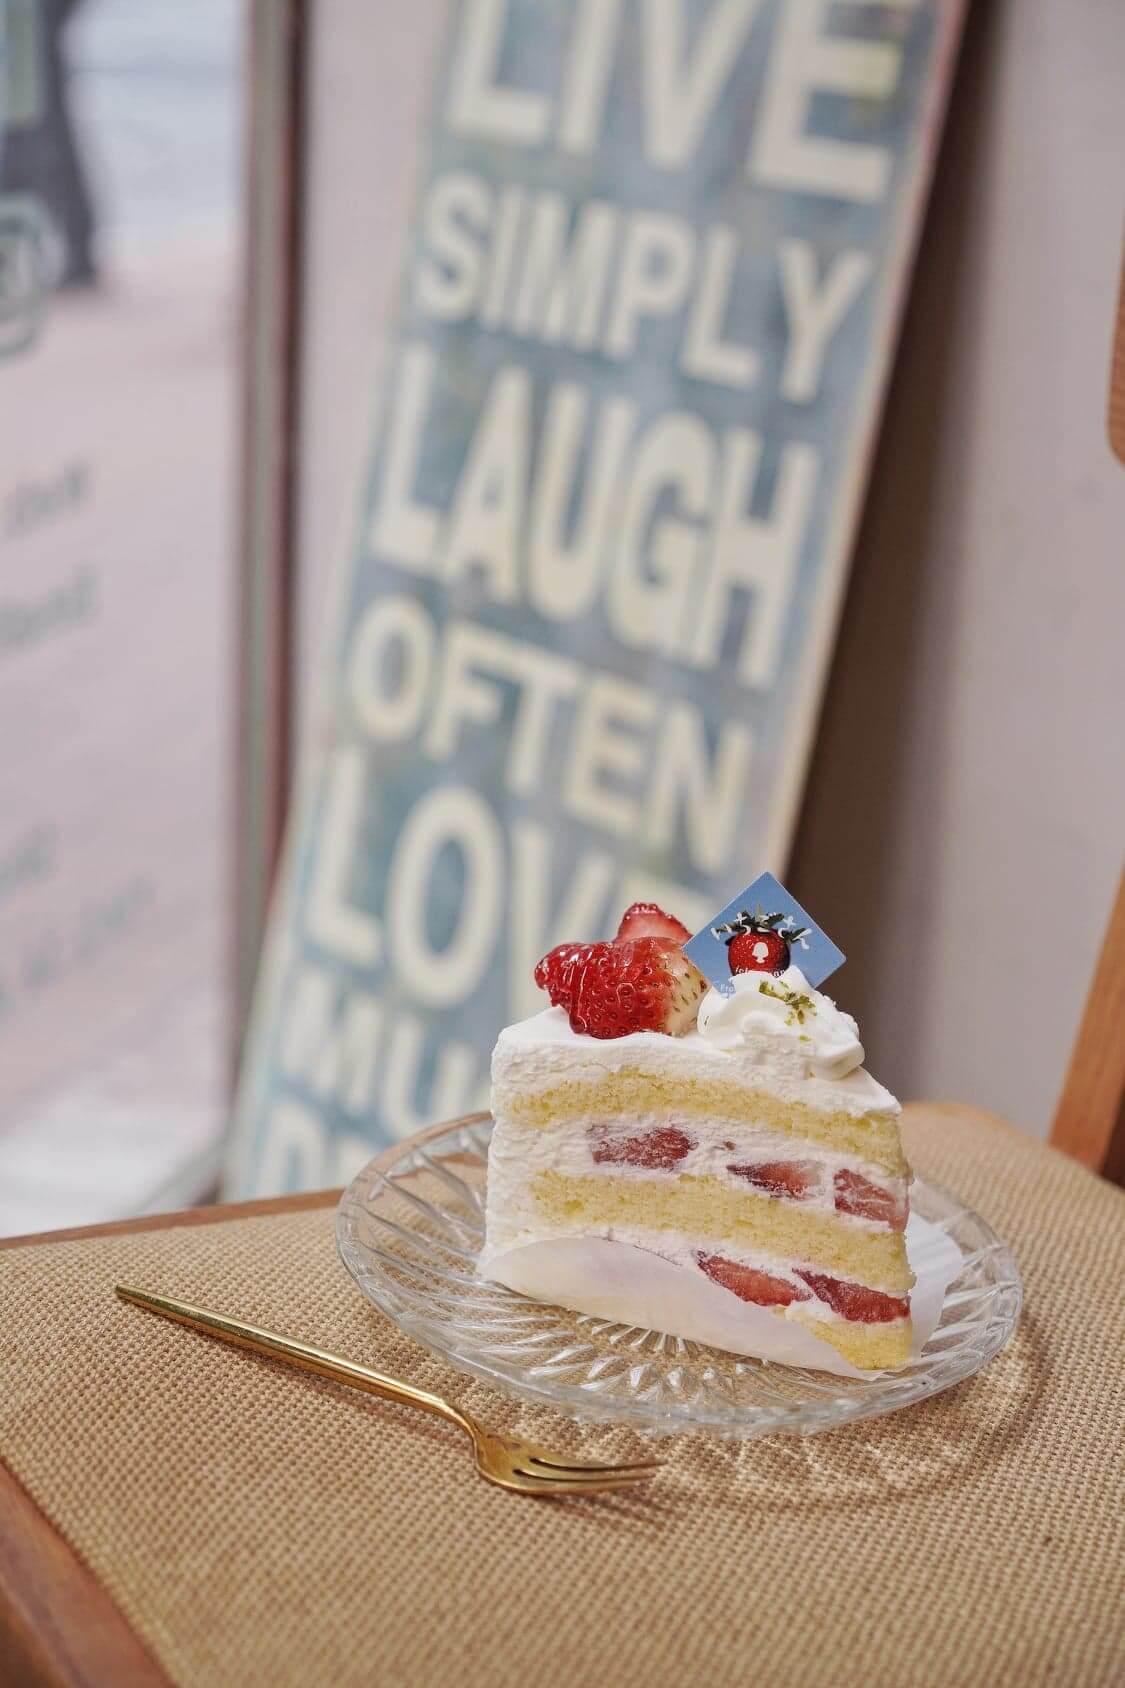 純白色的鮮忌廉,點綴「佐賀莓小姐」的鮮紅,蛋糕的外觀與顏色配搭都非常吸引。